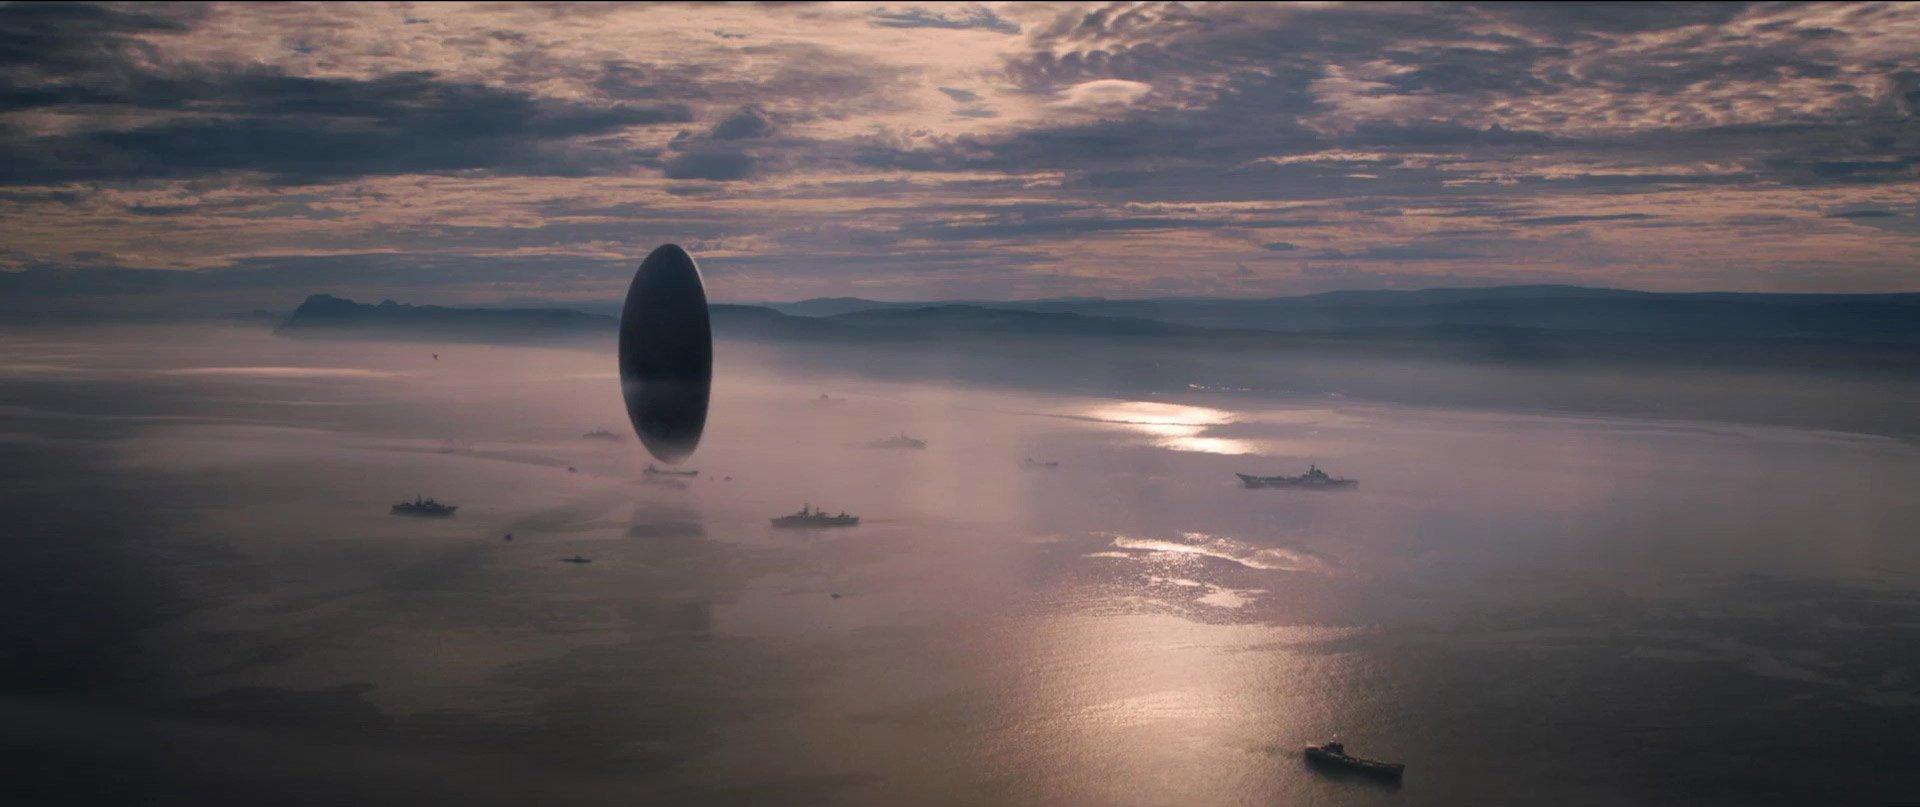 Premier Contact, réalisé par Denis Villeneuve, 2016 © Sony Pictures